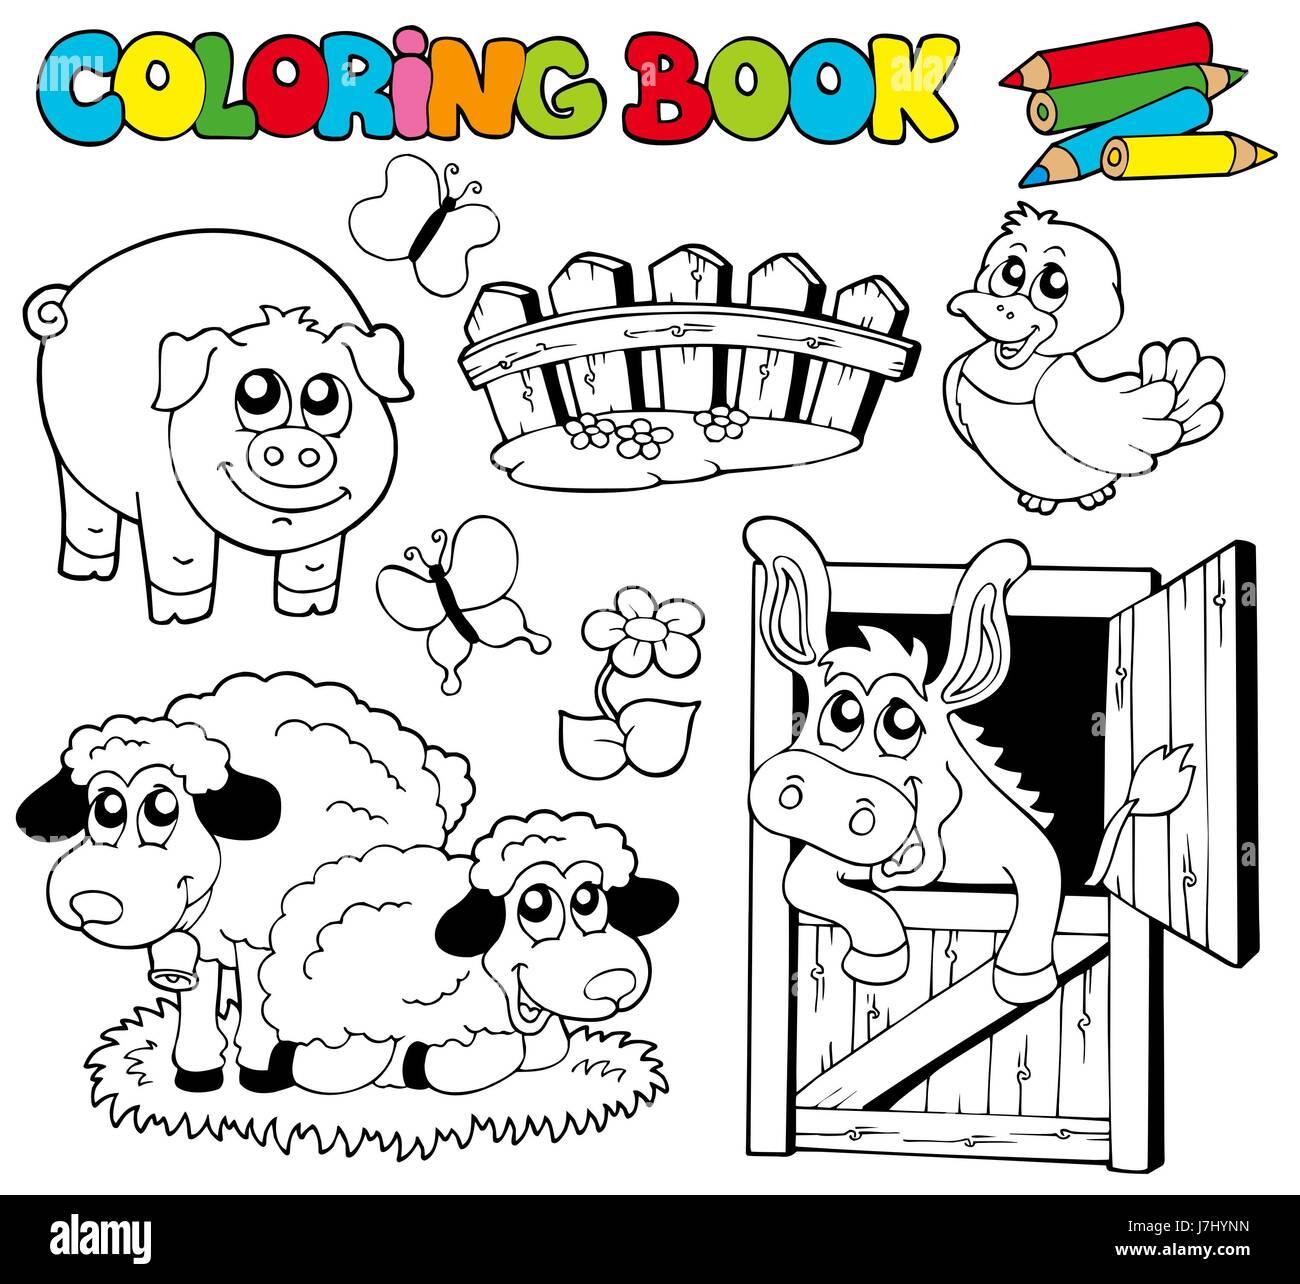 Vistoso Crayola Para Colorear Animales Adorno - Dibujos Para ...